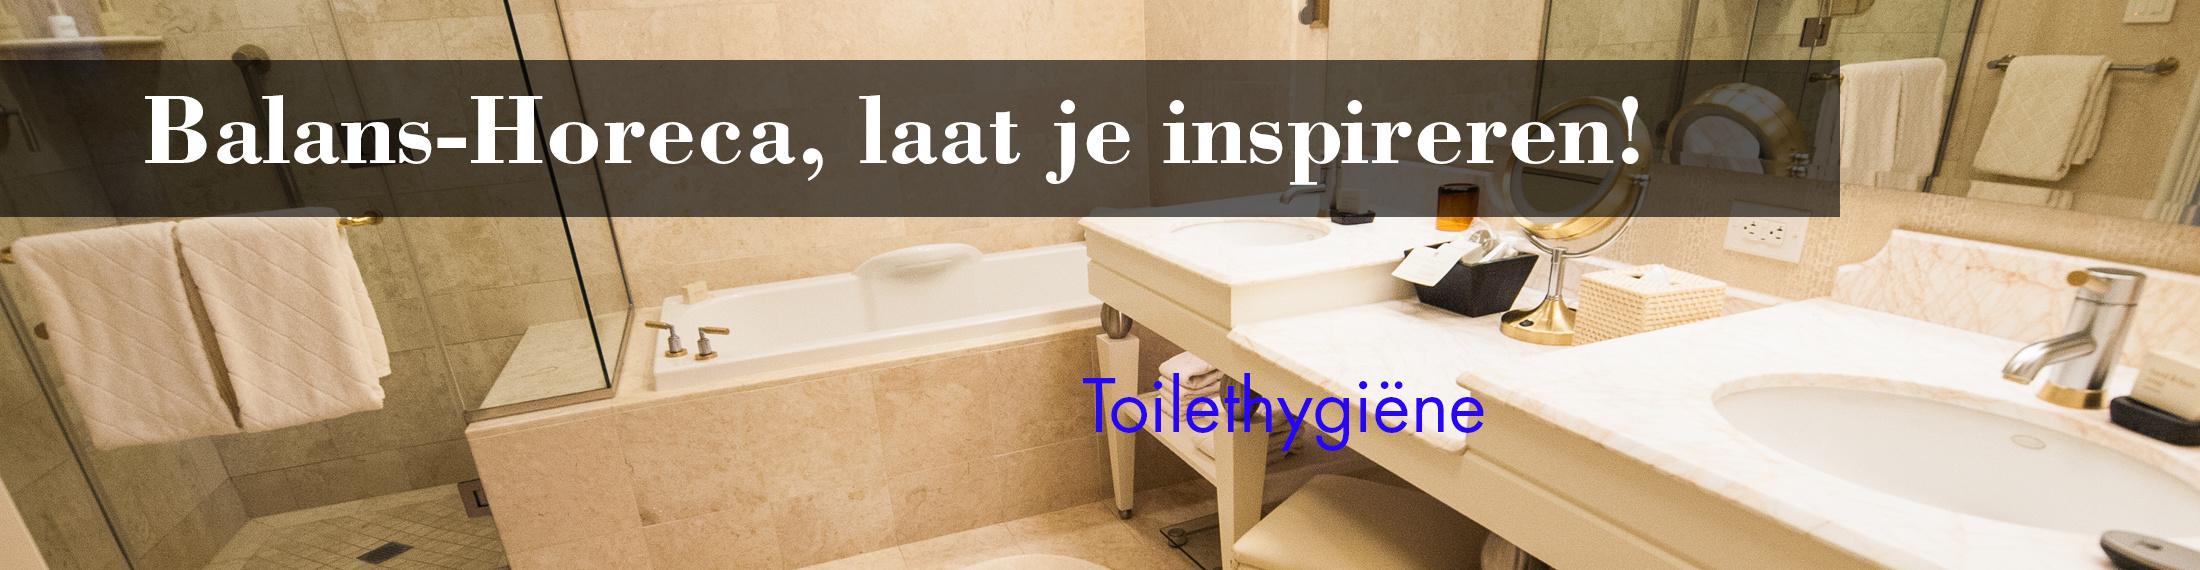 Toilethygiëne